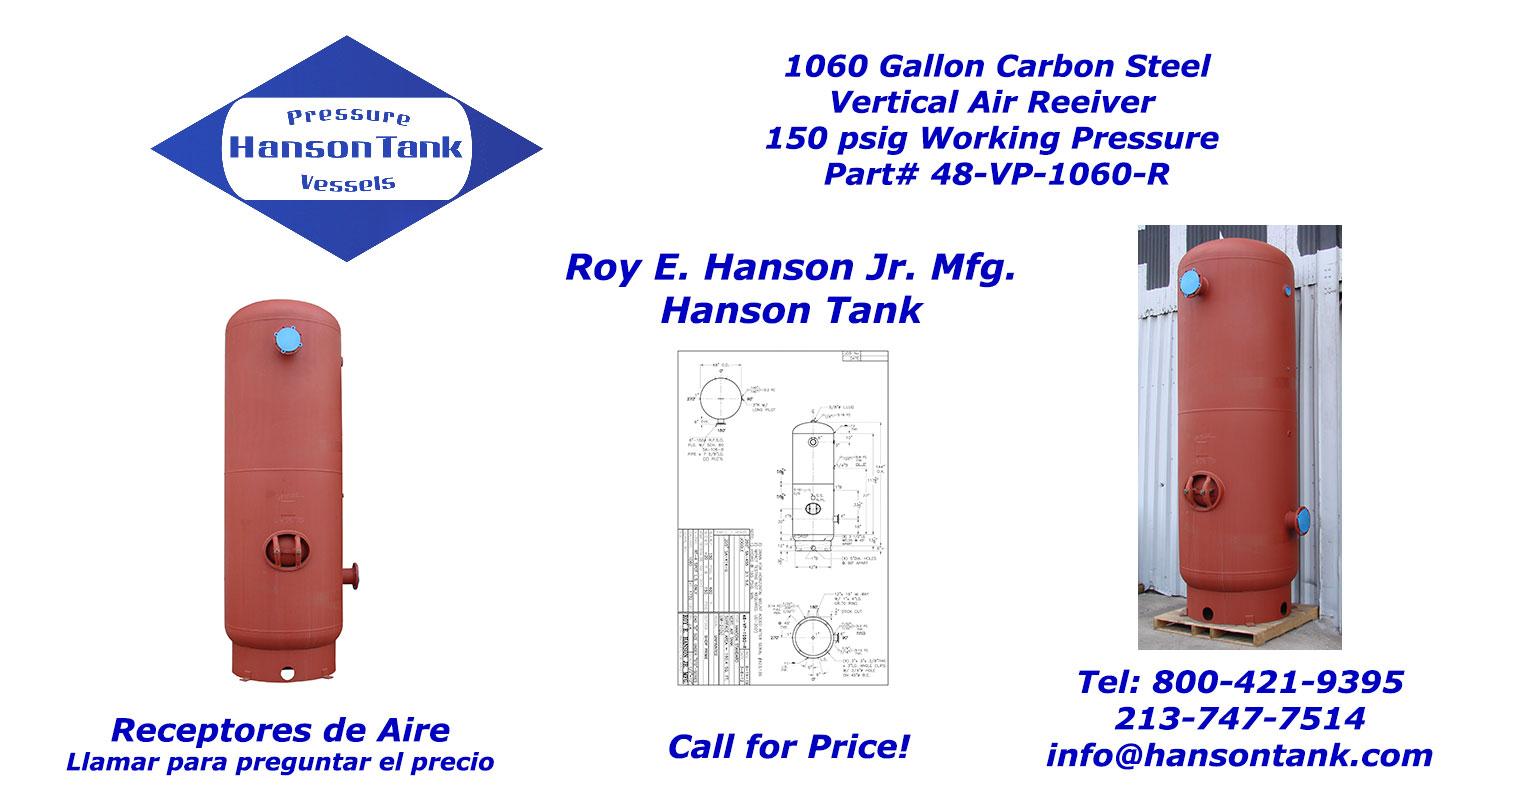 48-VP-1060-R air receiver